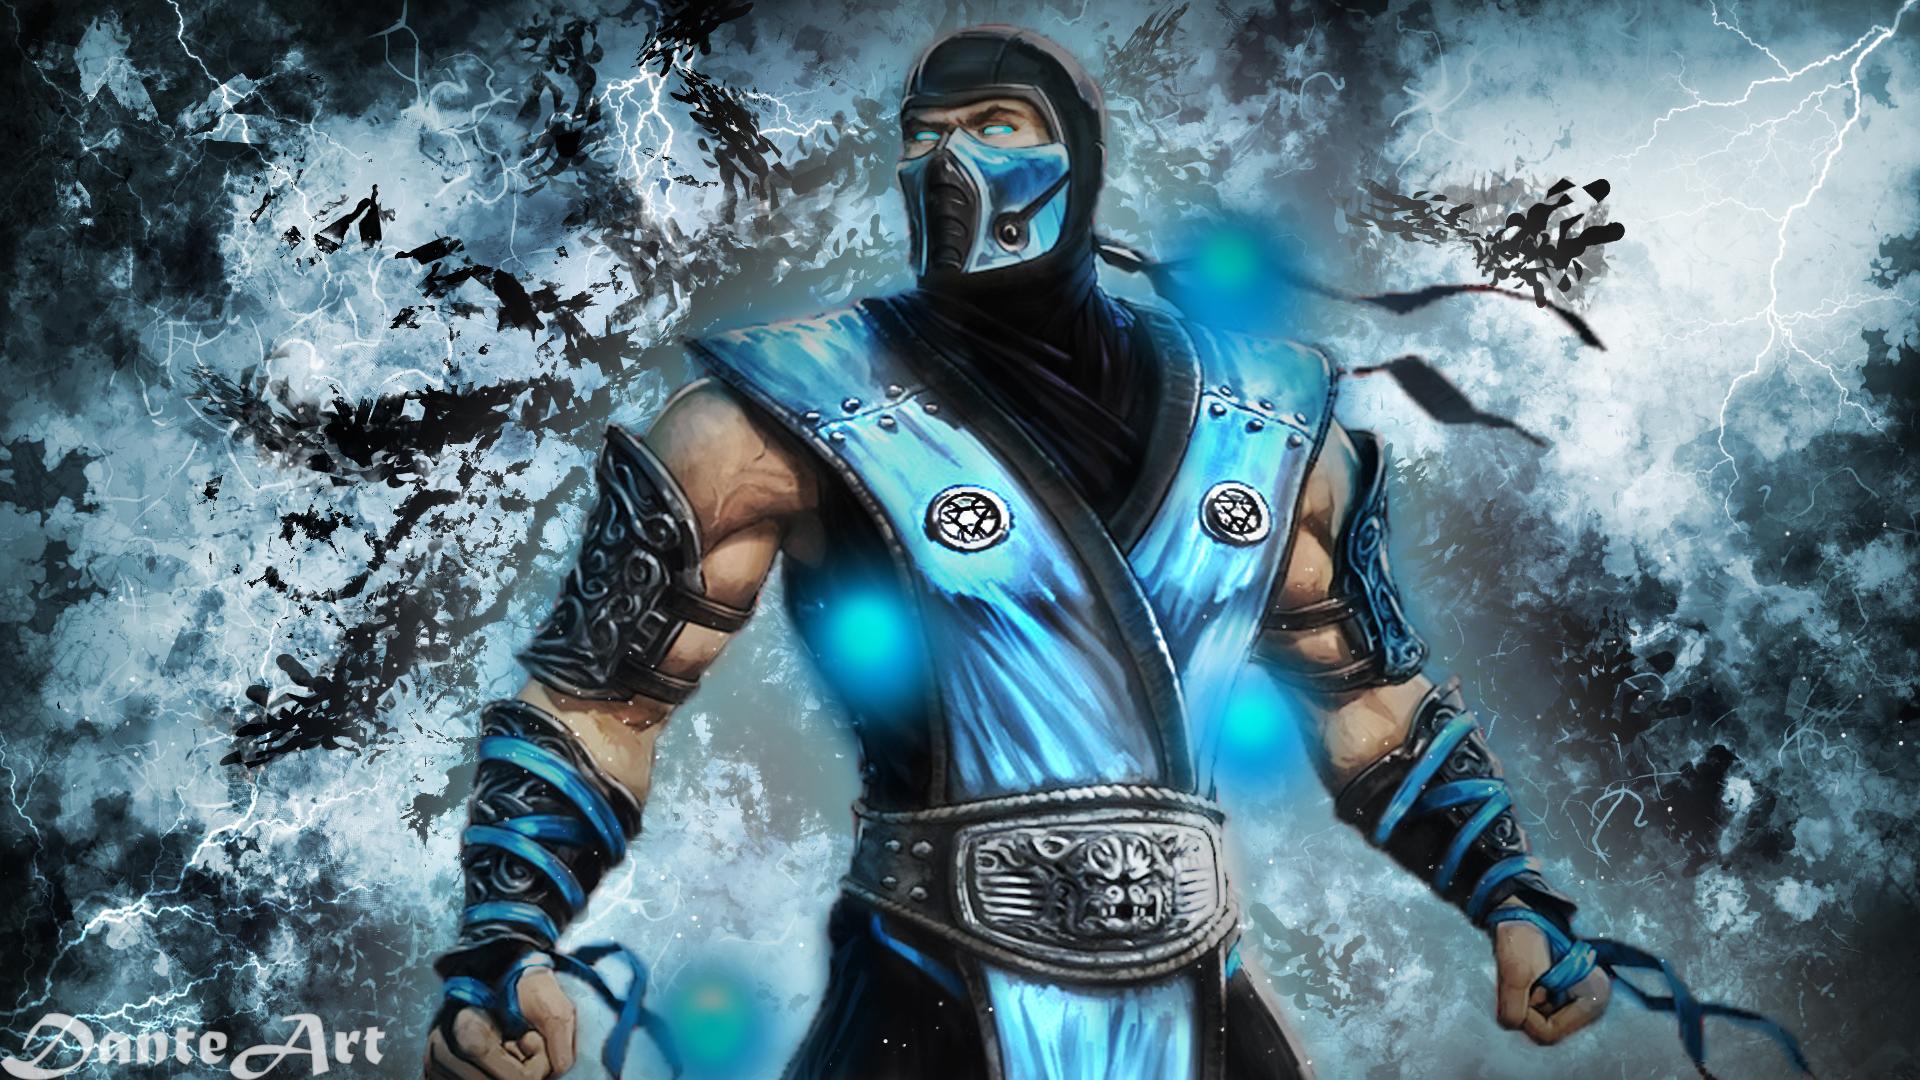 Mortal Kombat Wallpaper Dekstop Download 1920x1080